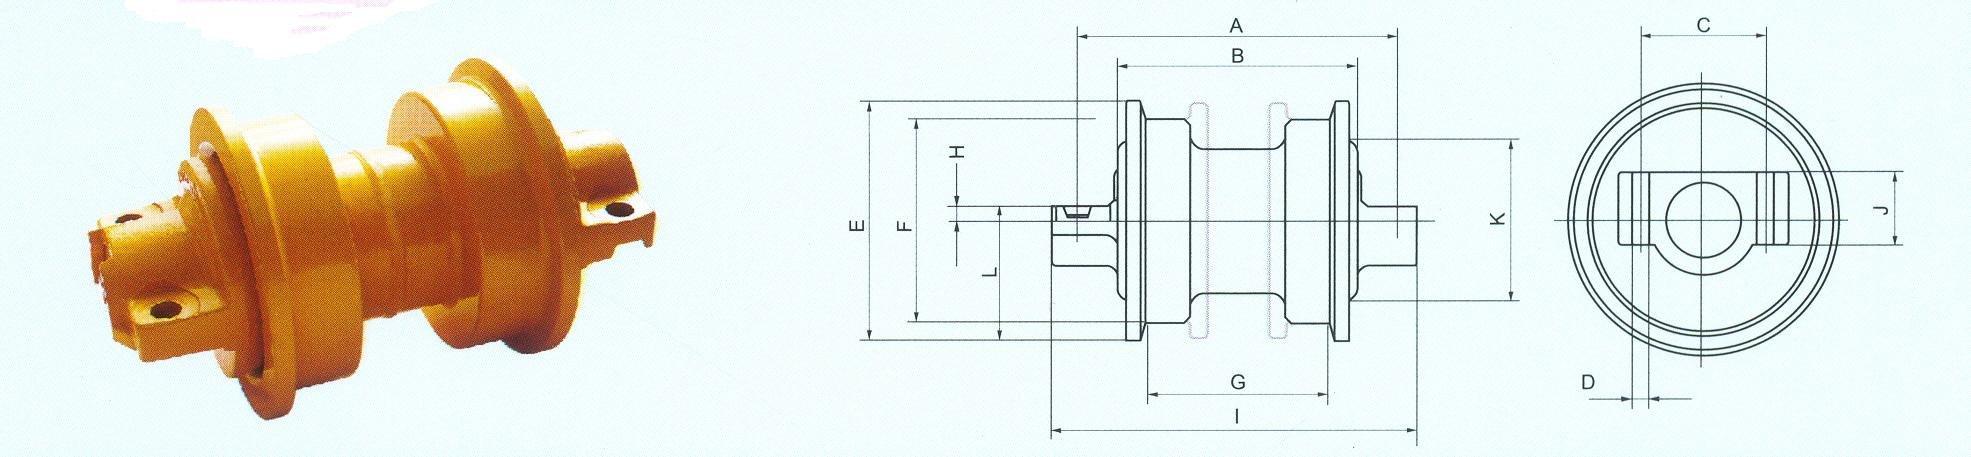 Sell D Flange D6r H Roller Oem No1205766 Friction Welding Bottom Diagram